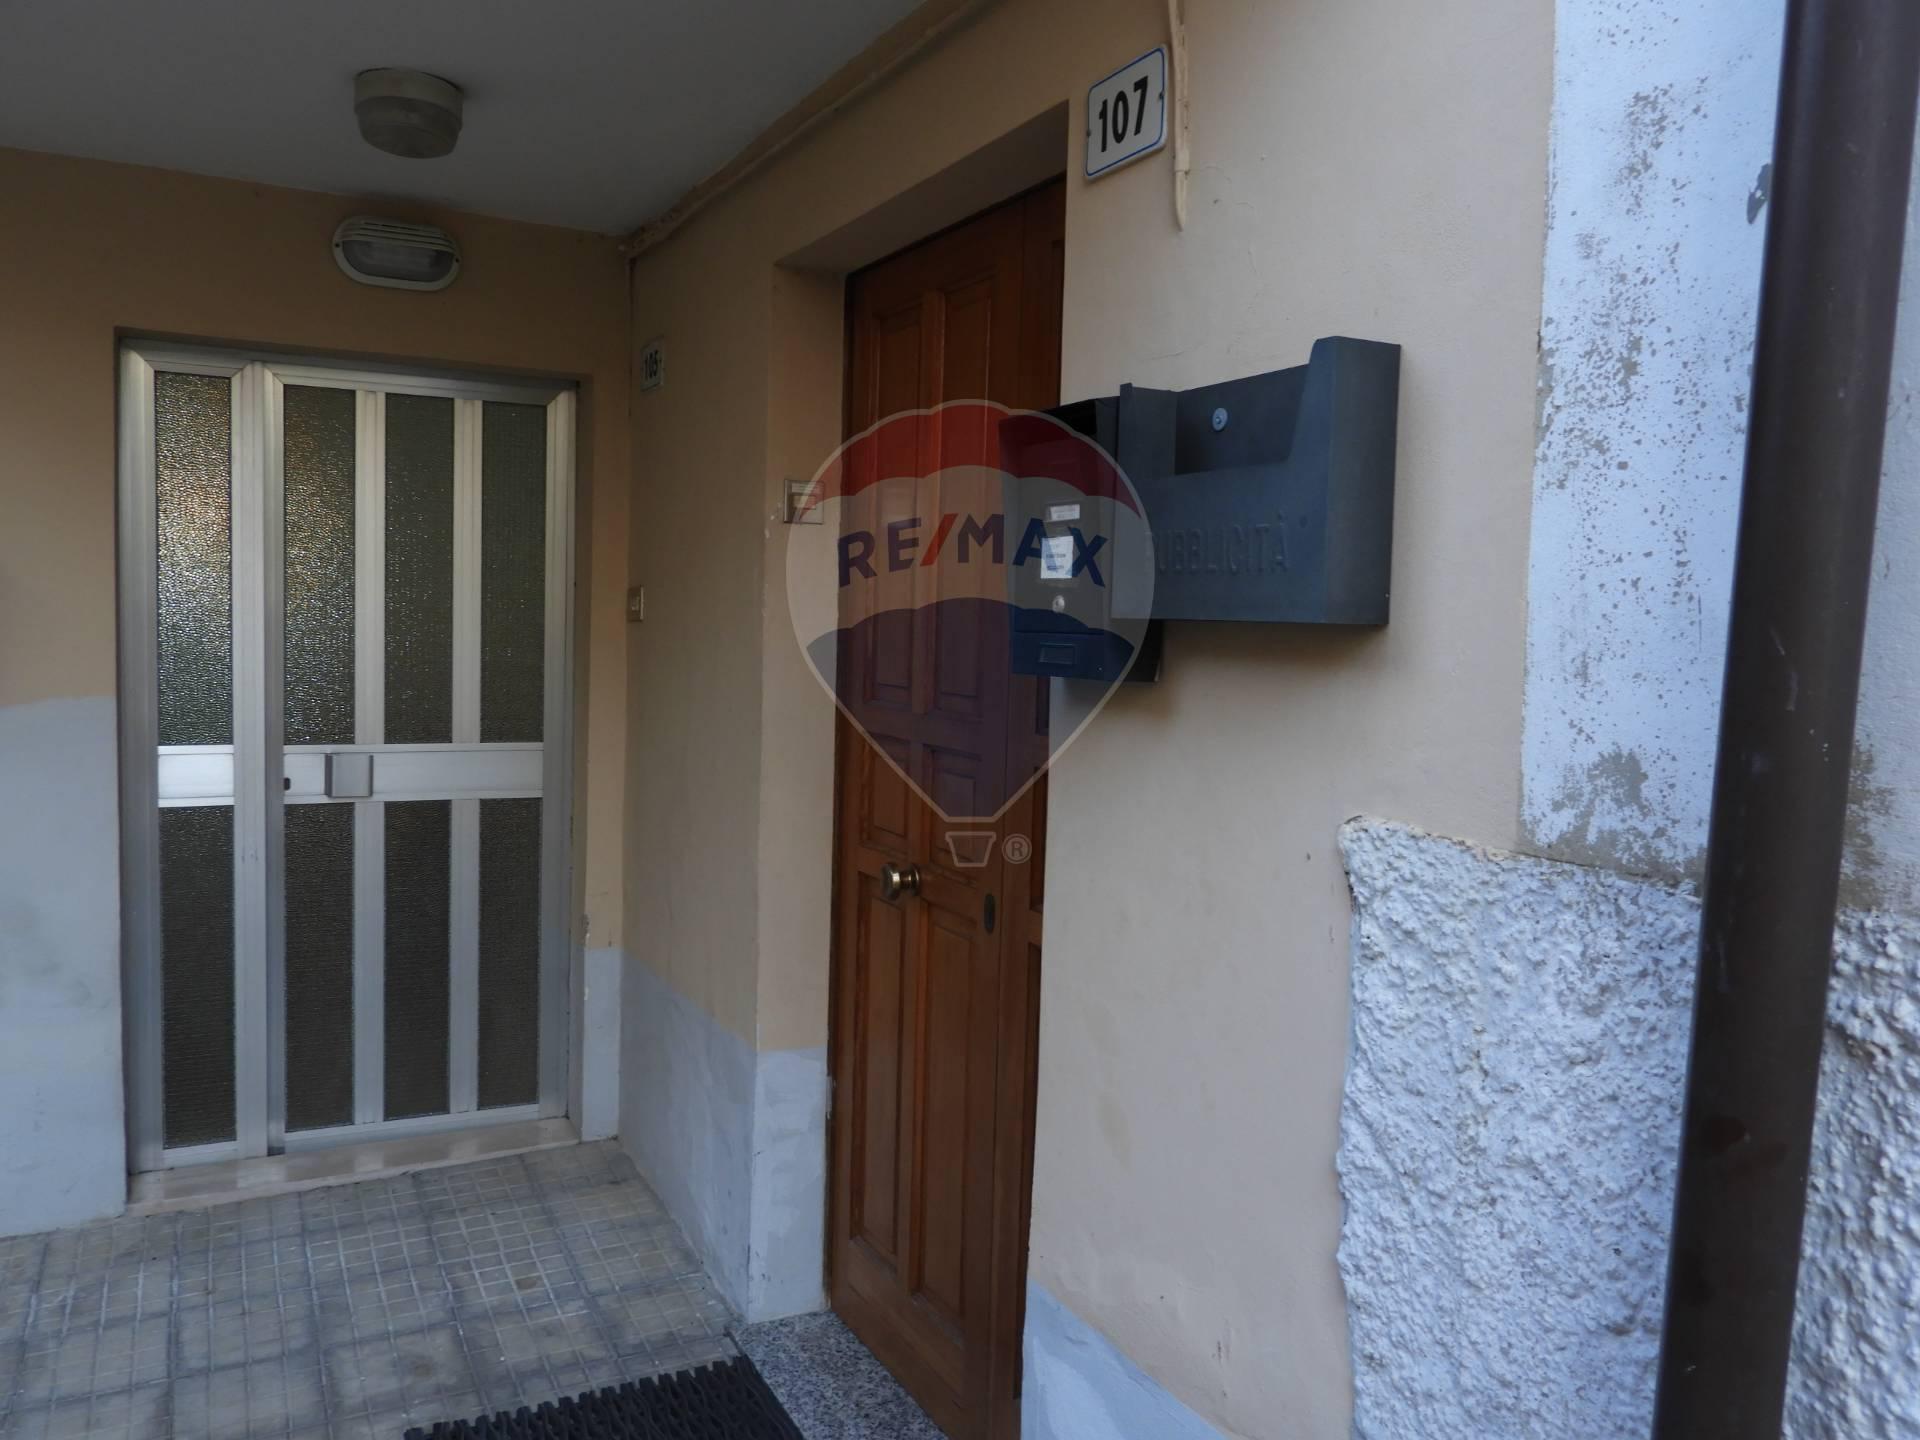 Appartamento in affitto a Lanciano, 3 locali, prezzo € 350 | CambioCasa.it